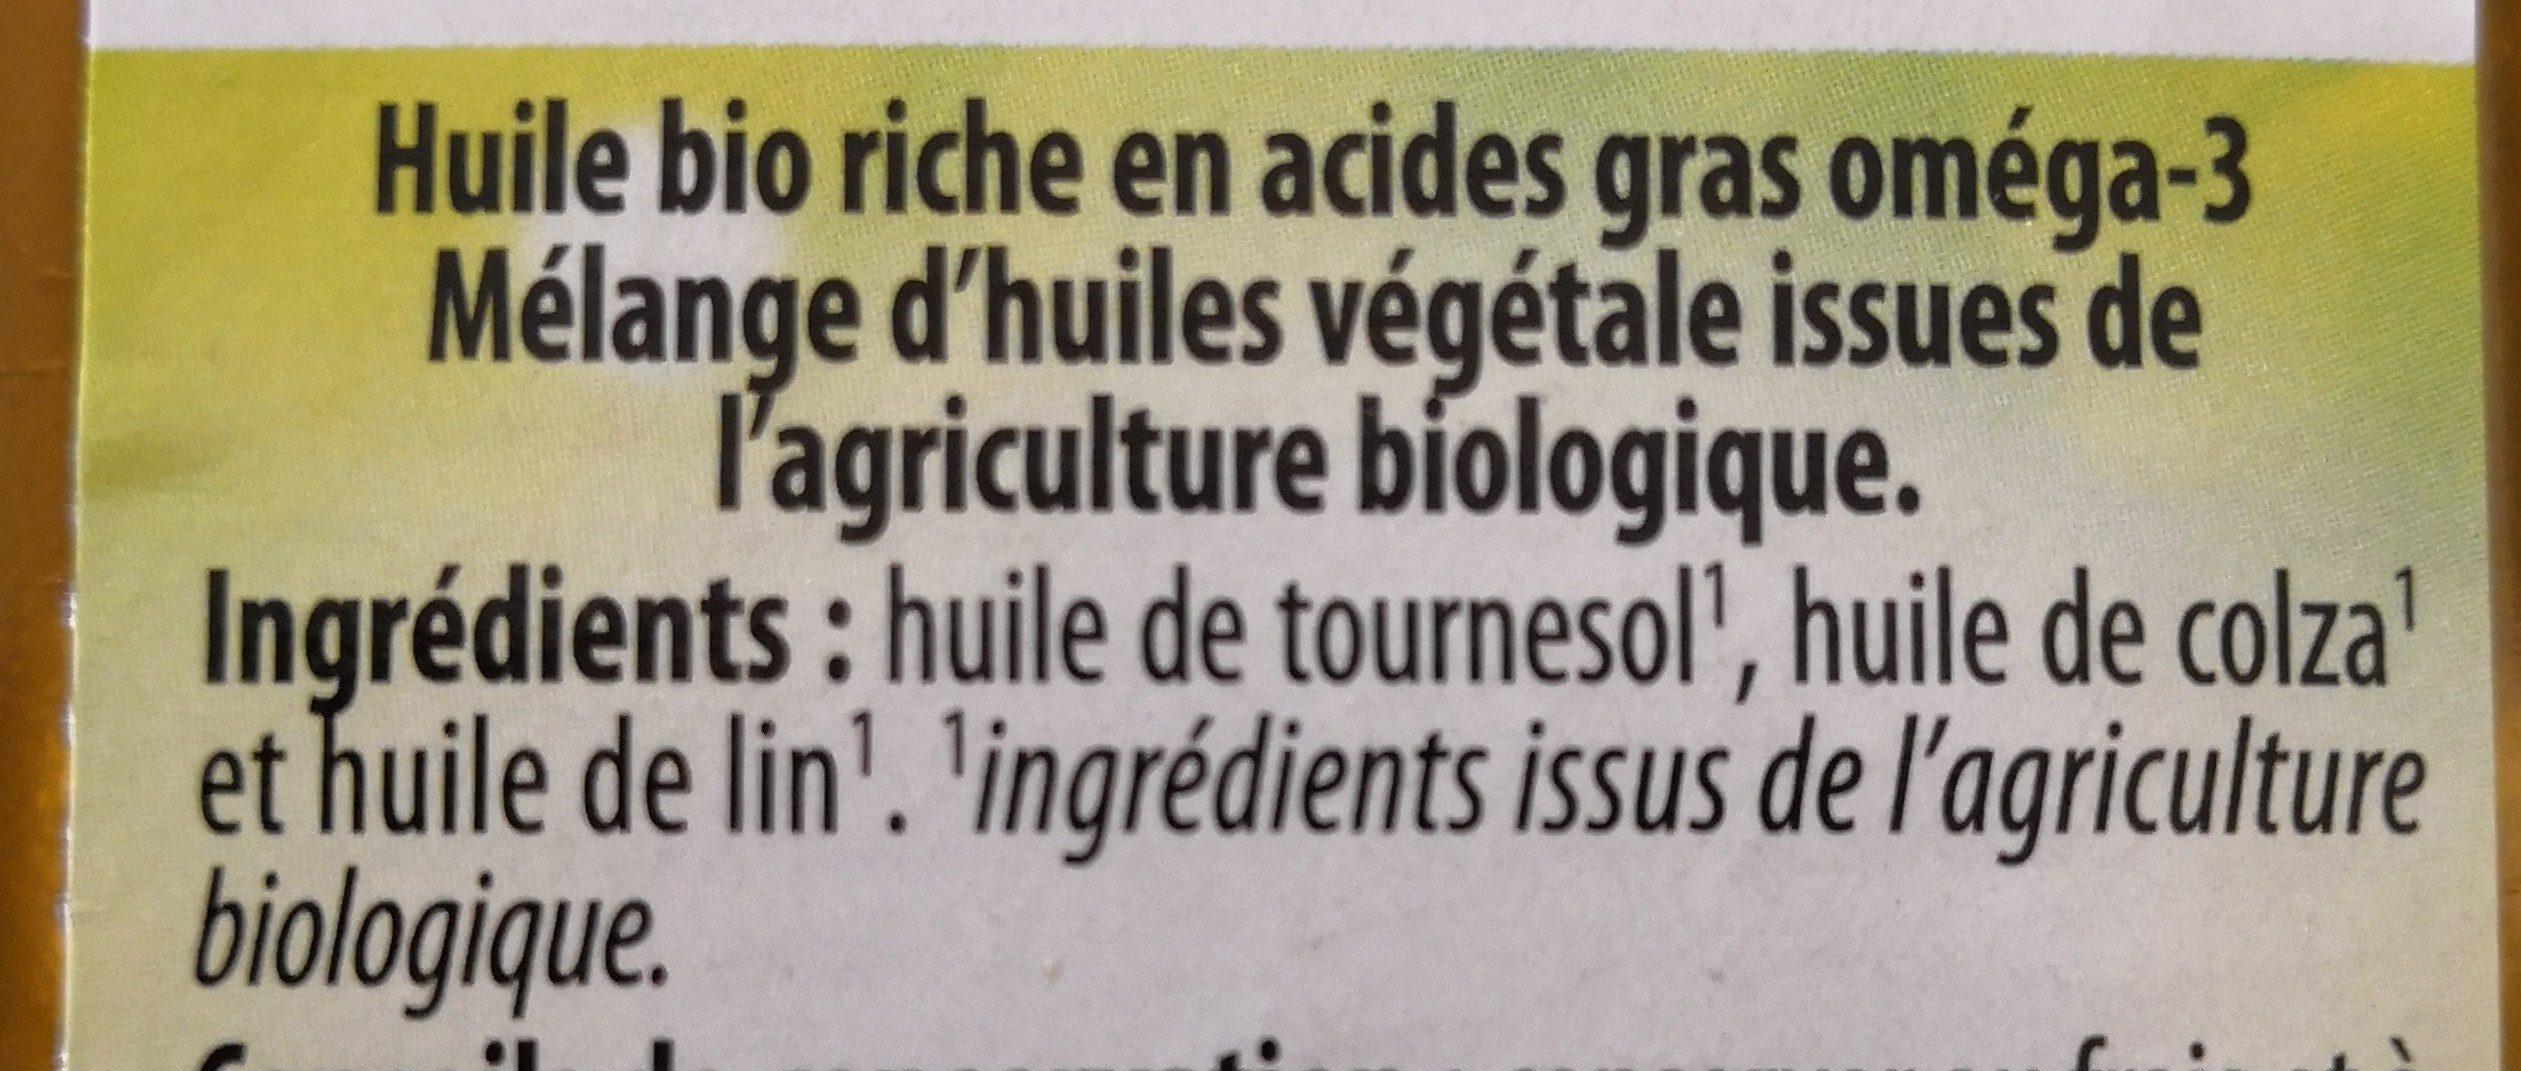 Huile pour Salade Riche en Oméga 3 - Ingrédients - fr